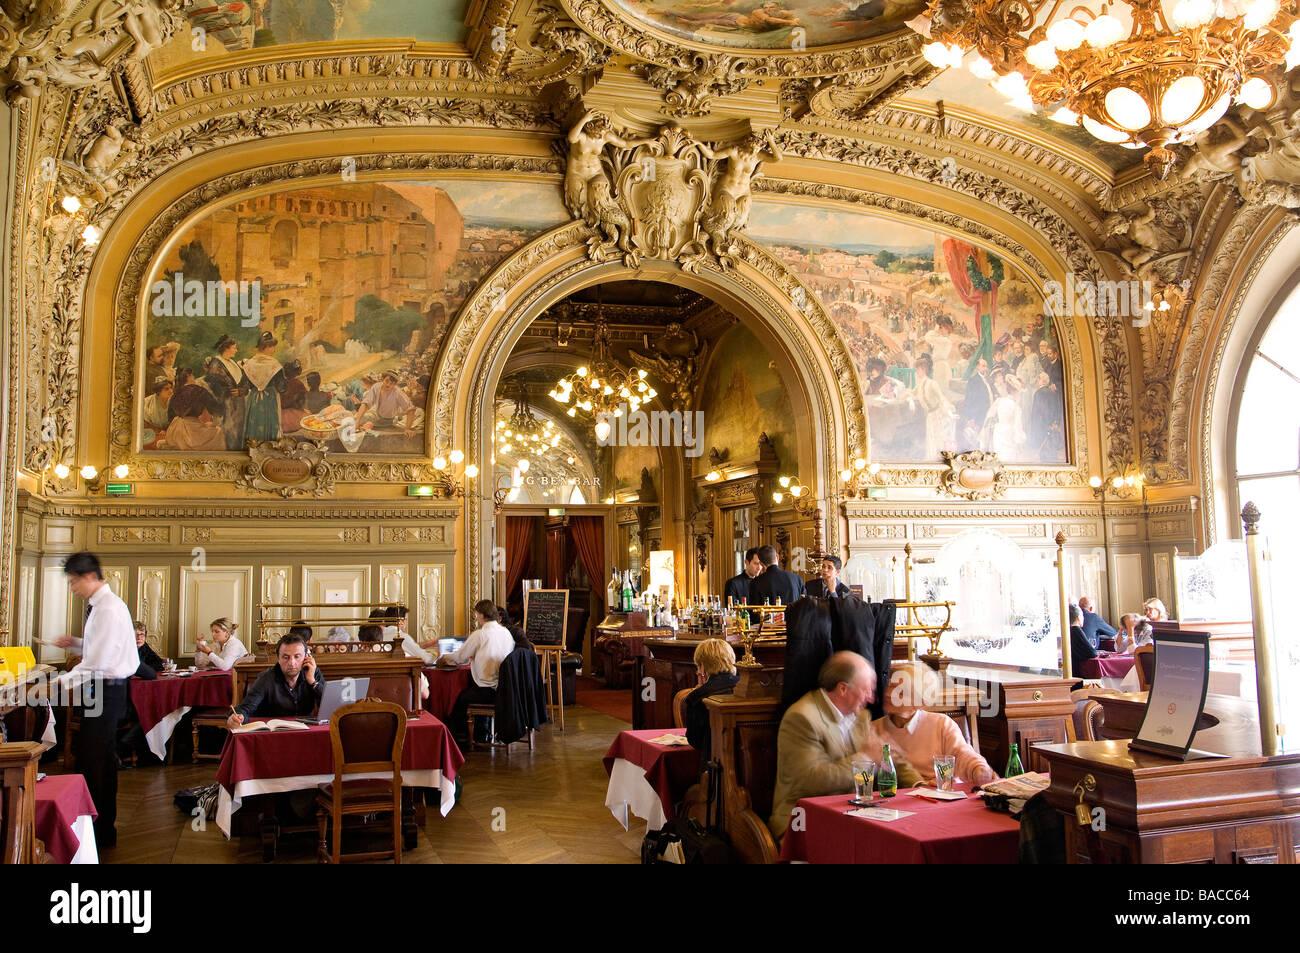 Souvent France, Paris, Gare de Lyon, Le Train Bleu Restaurant Stock Photo  KY01